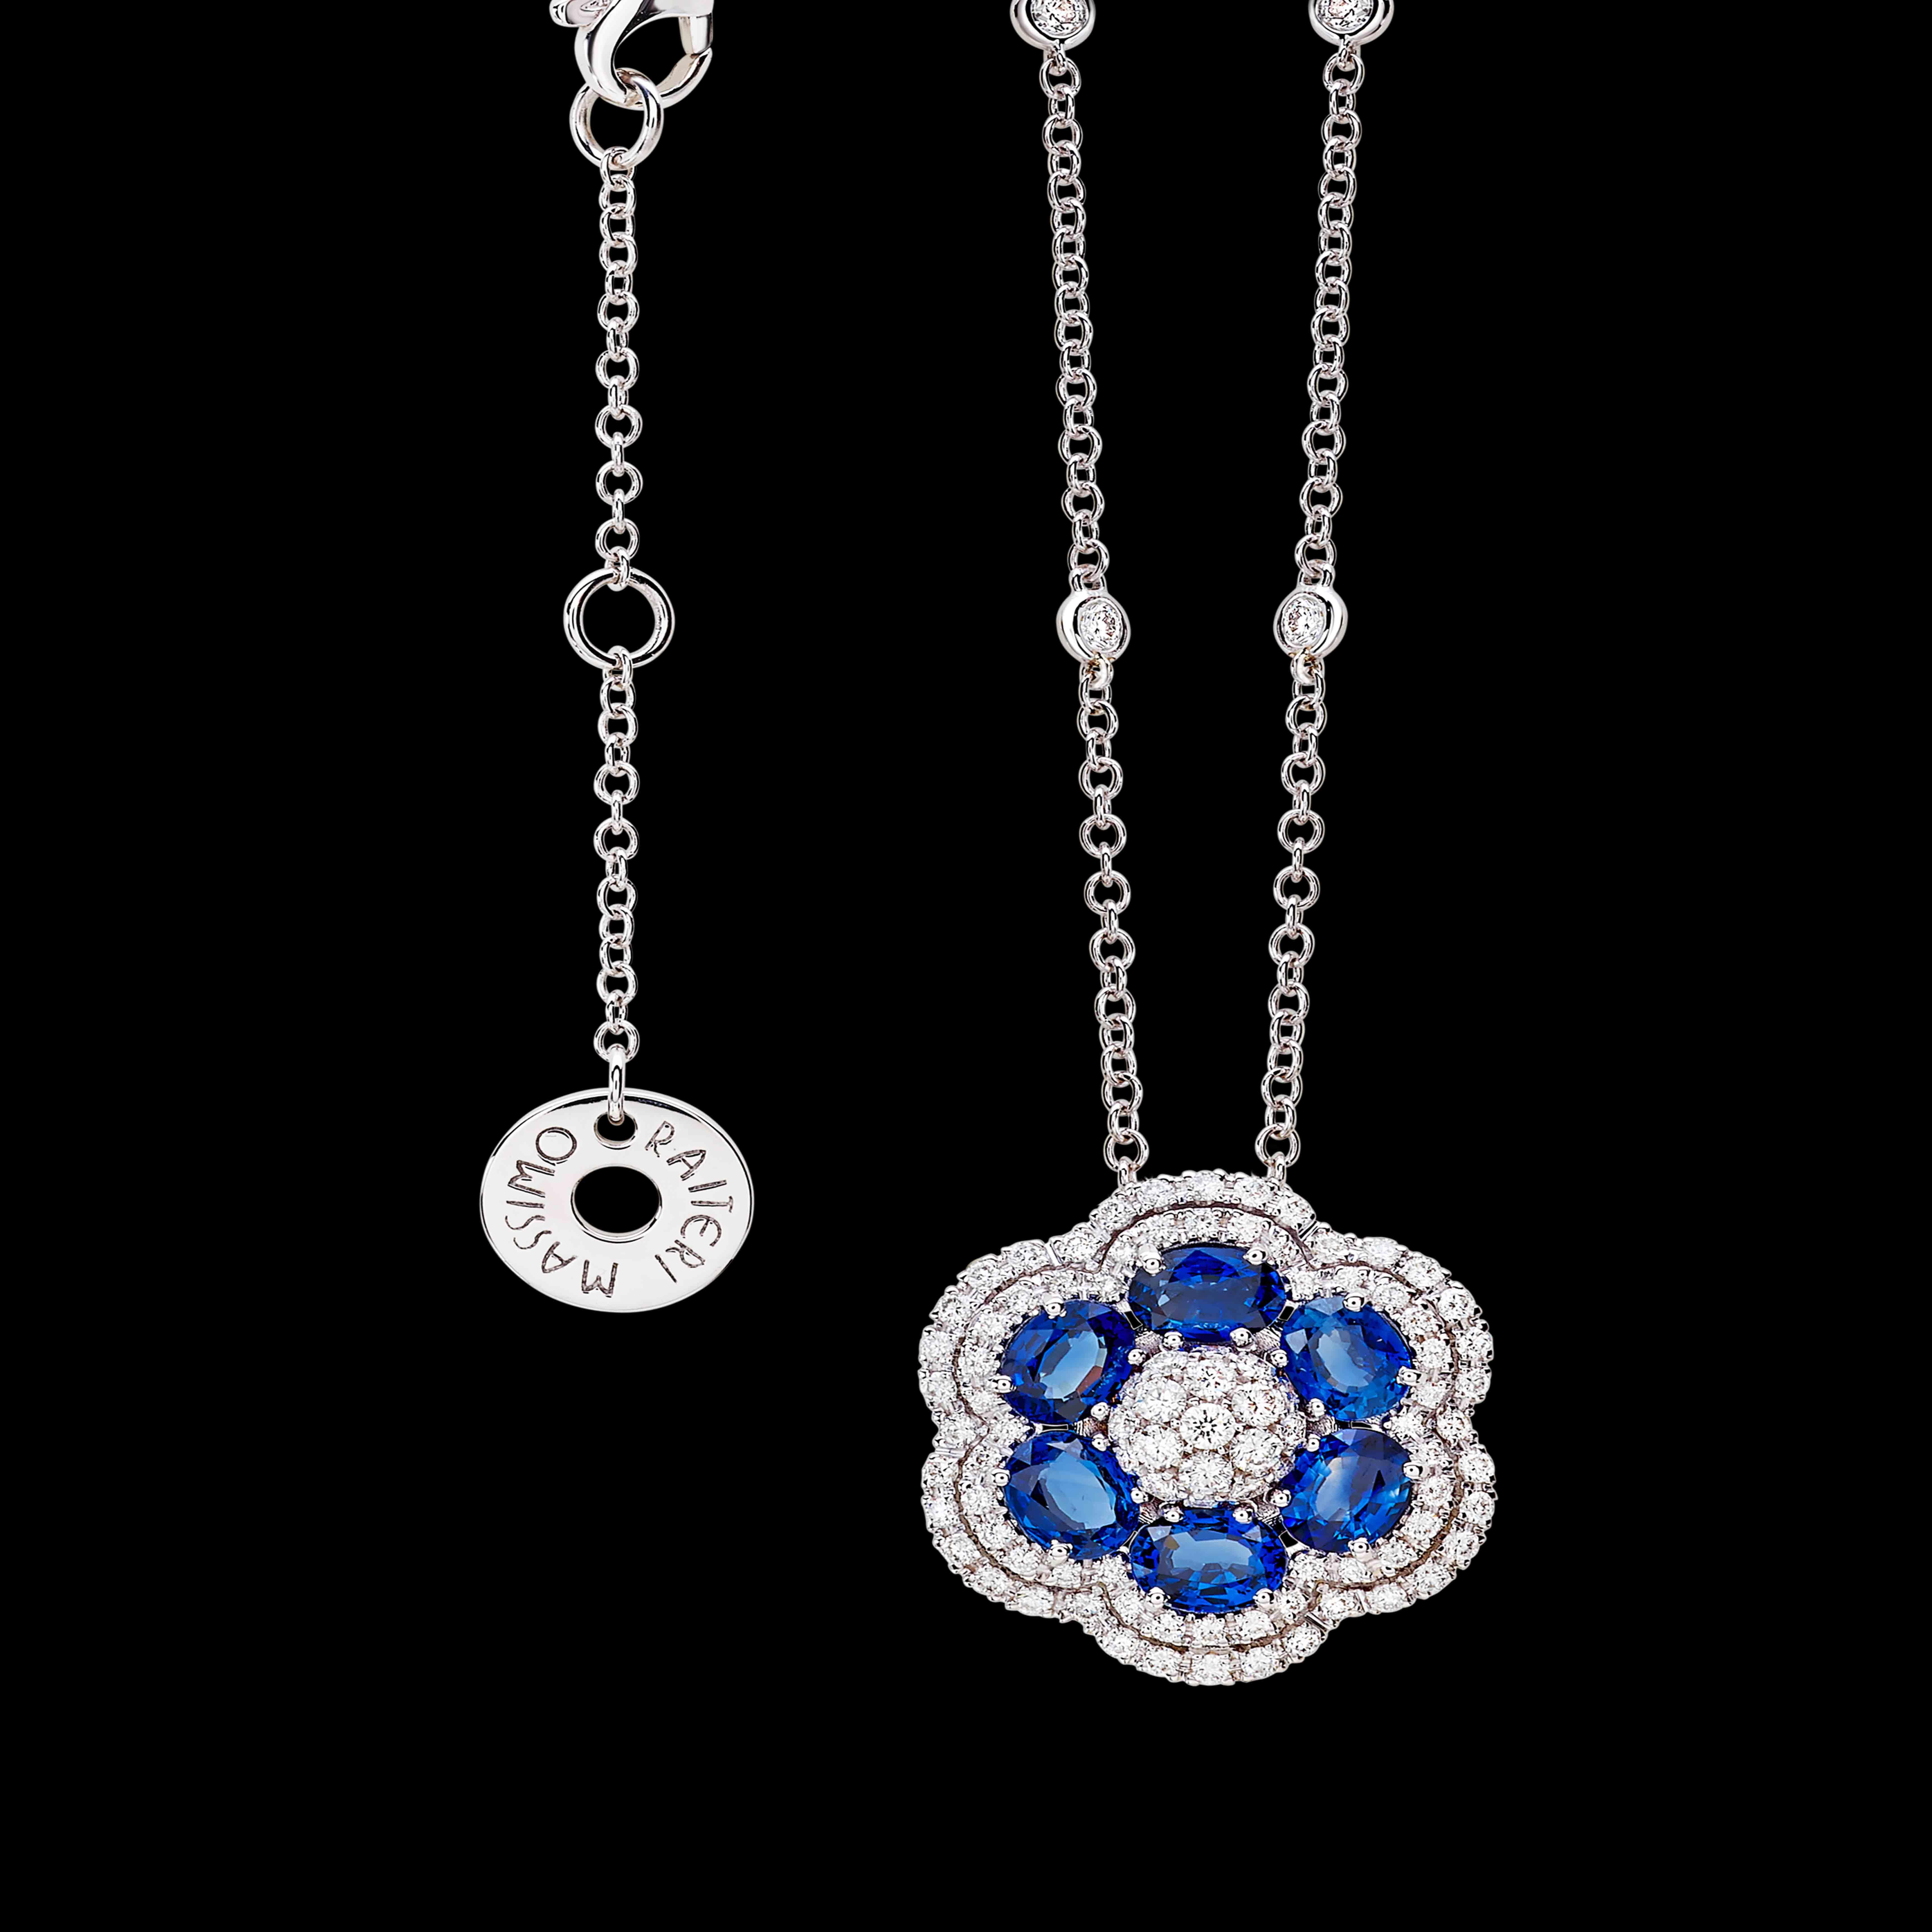 massimo raiteri exclusive jewellery necklace classic design  ruby gioielli collana ciondolo diamanti gioielleria rubini diamanti emerald smeraldi sapphire zaffiri